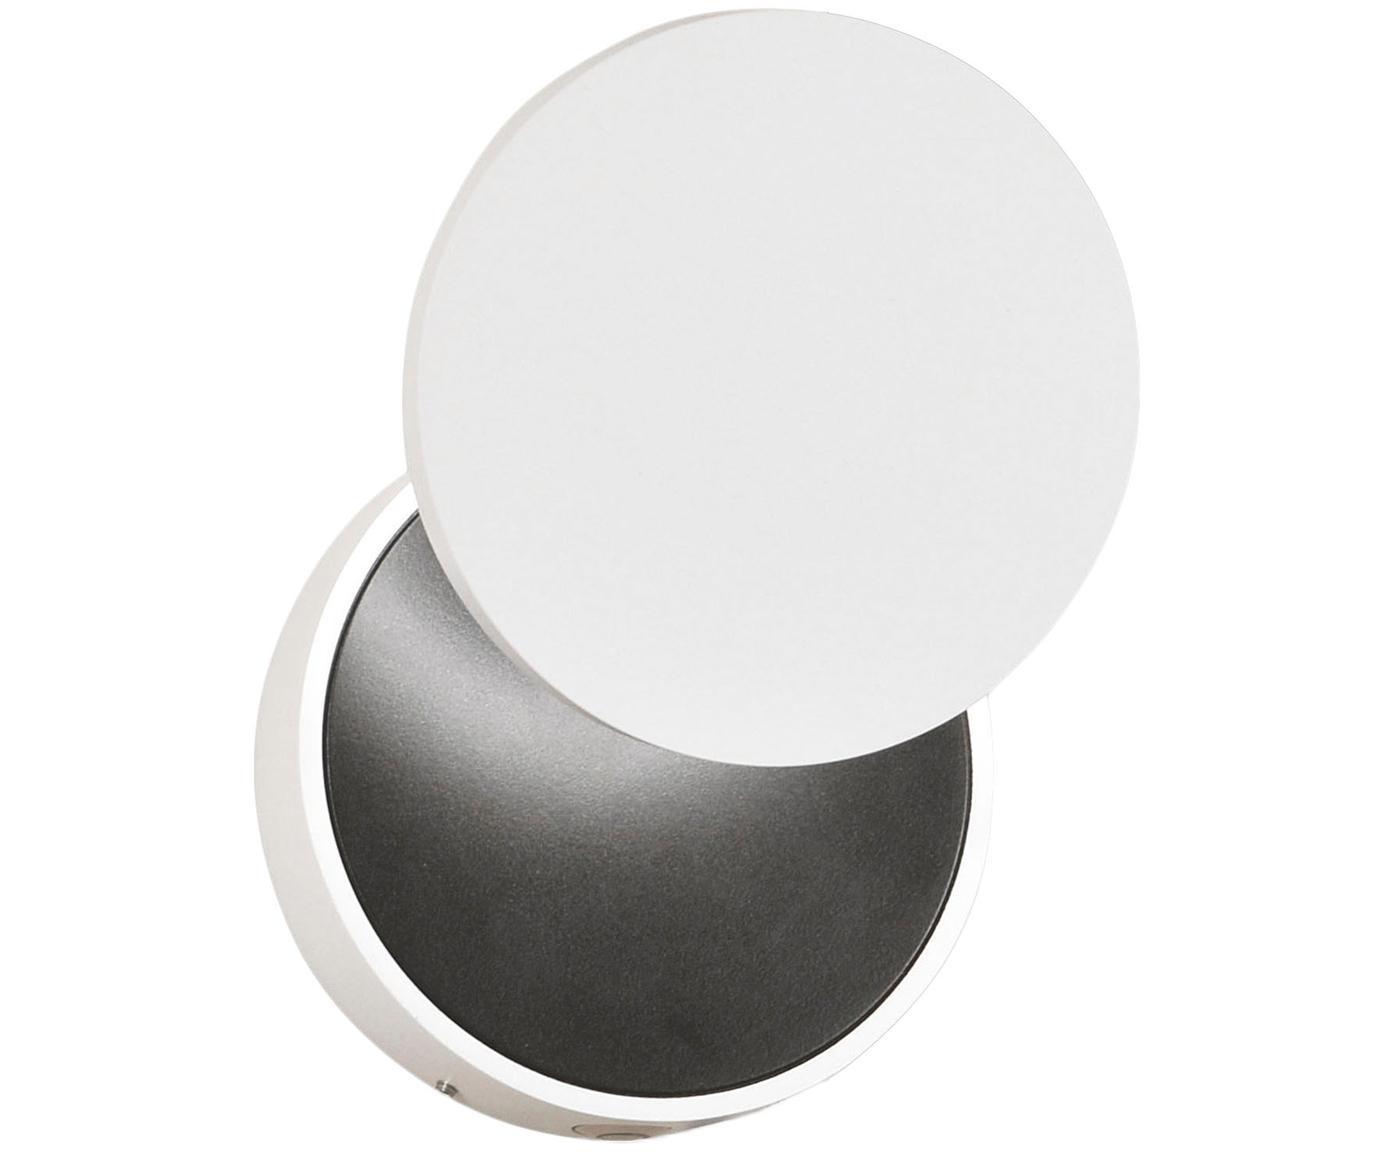 Kinkiet z funkcją przyciemniania Ara, Biały, czarny, Ø 12 x W 18 cm